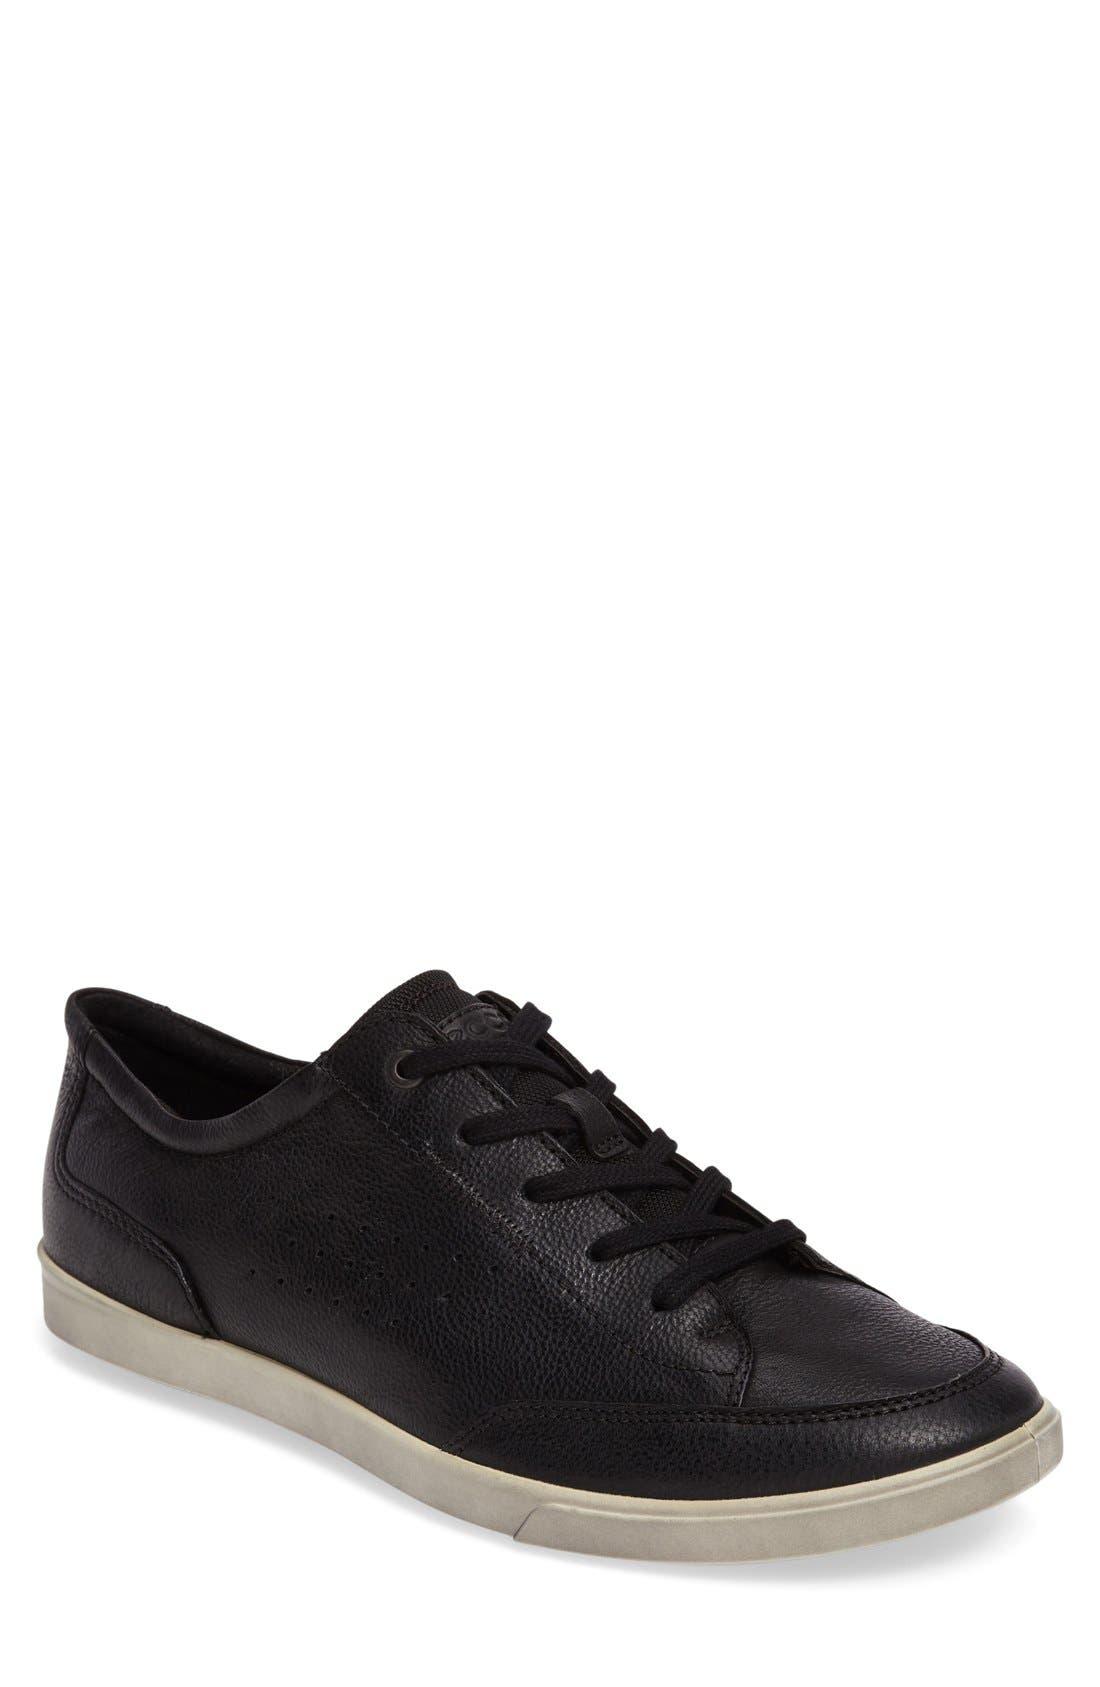 Main Image - ECCO 'Collin - Classic' Sneaker (Men)